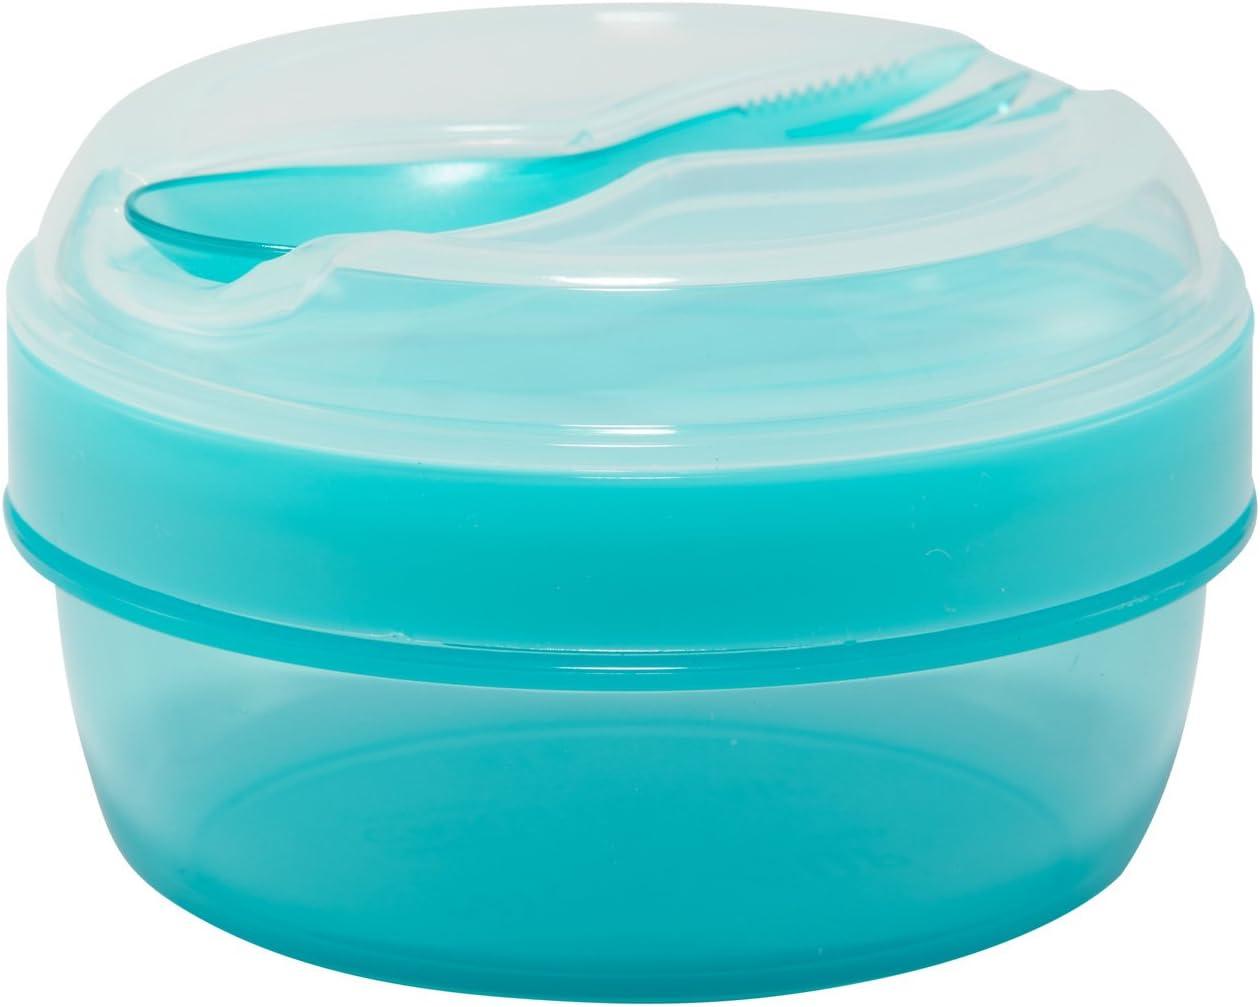 Carl Oscar Nice Cup - Fiambrera pequeña para aperitivos con acumulador de frío, mantiene varias horas frescas, incluye cubiertos, color turquesa